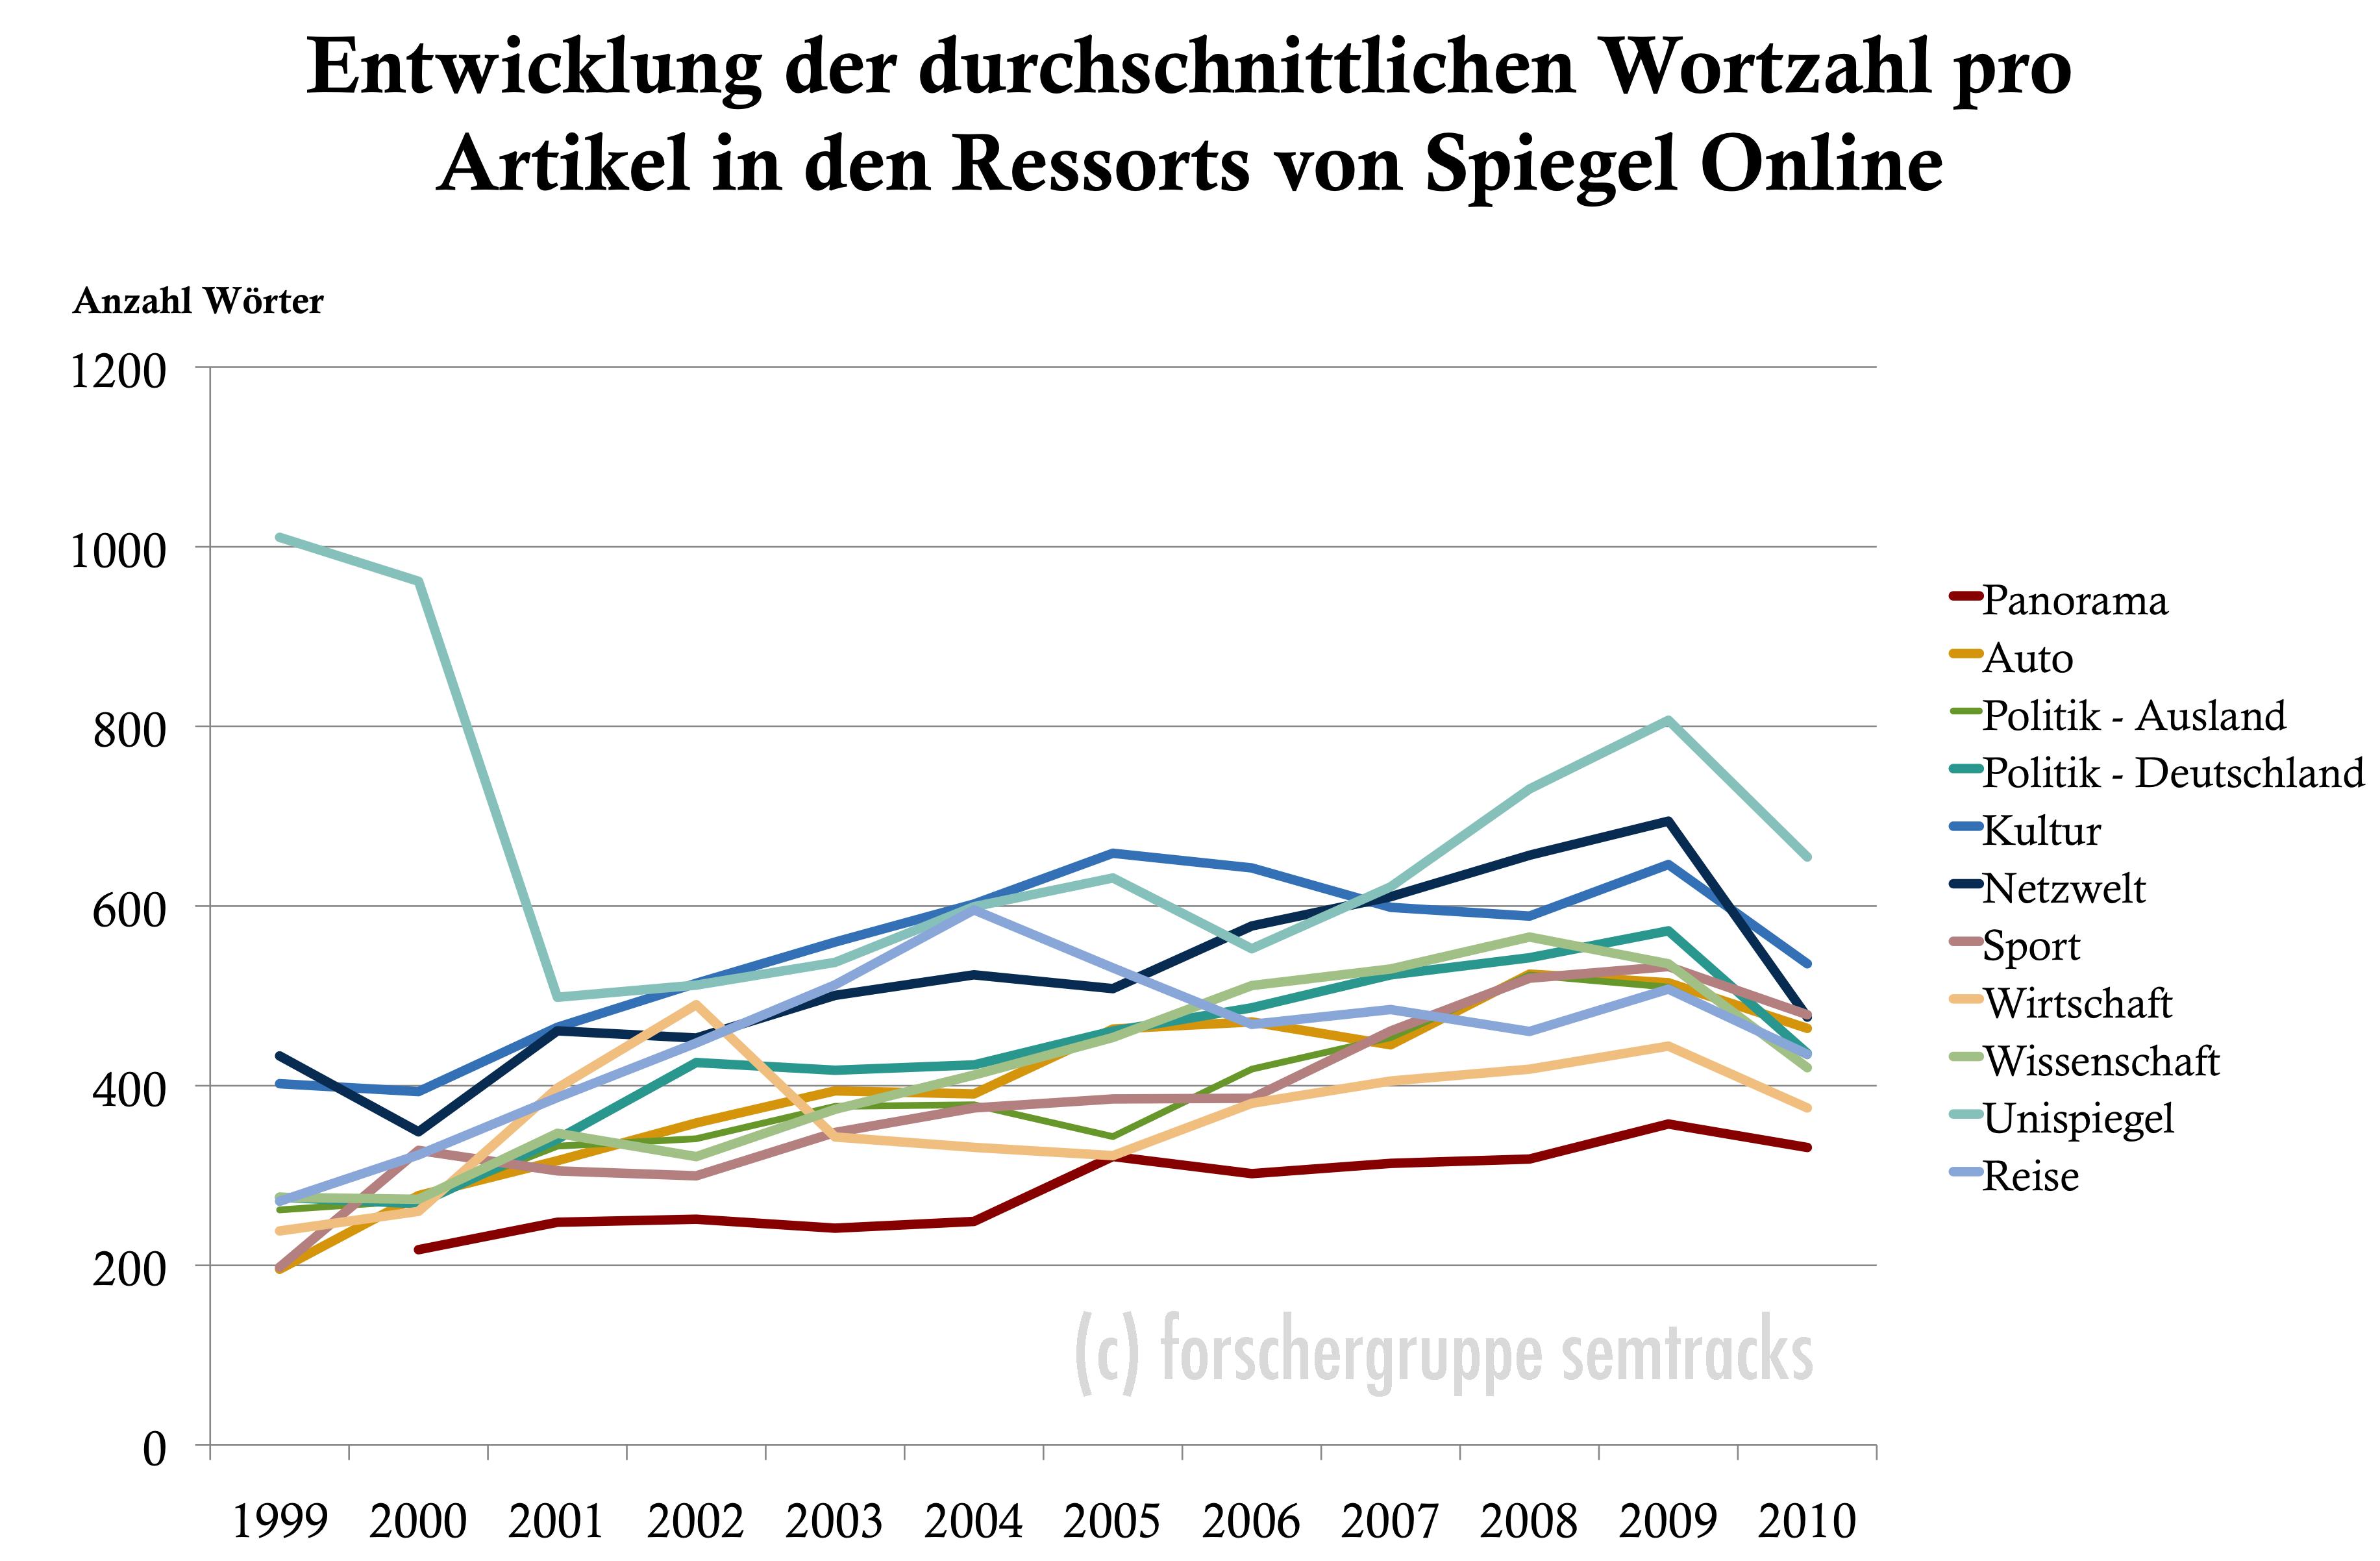 Spiegel Online: Entwicklung der durchschnittlichen Wortzahl je Artikel in den Ressorts